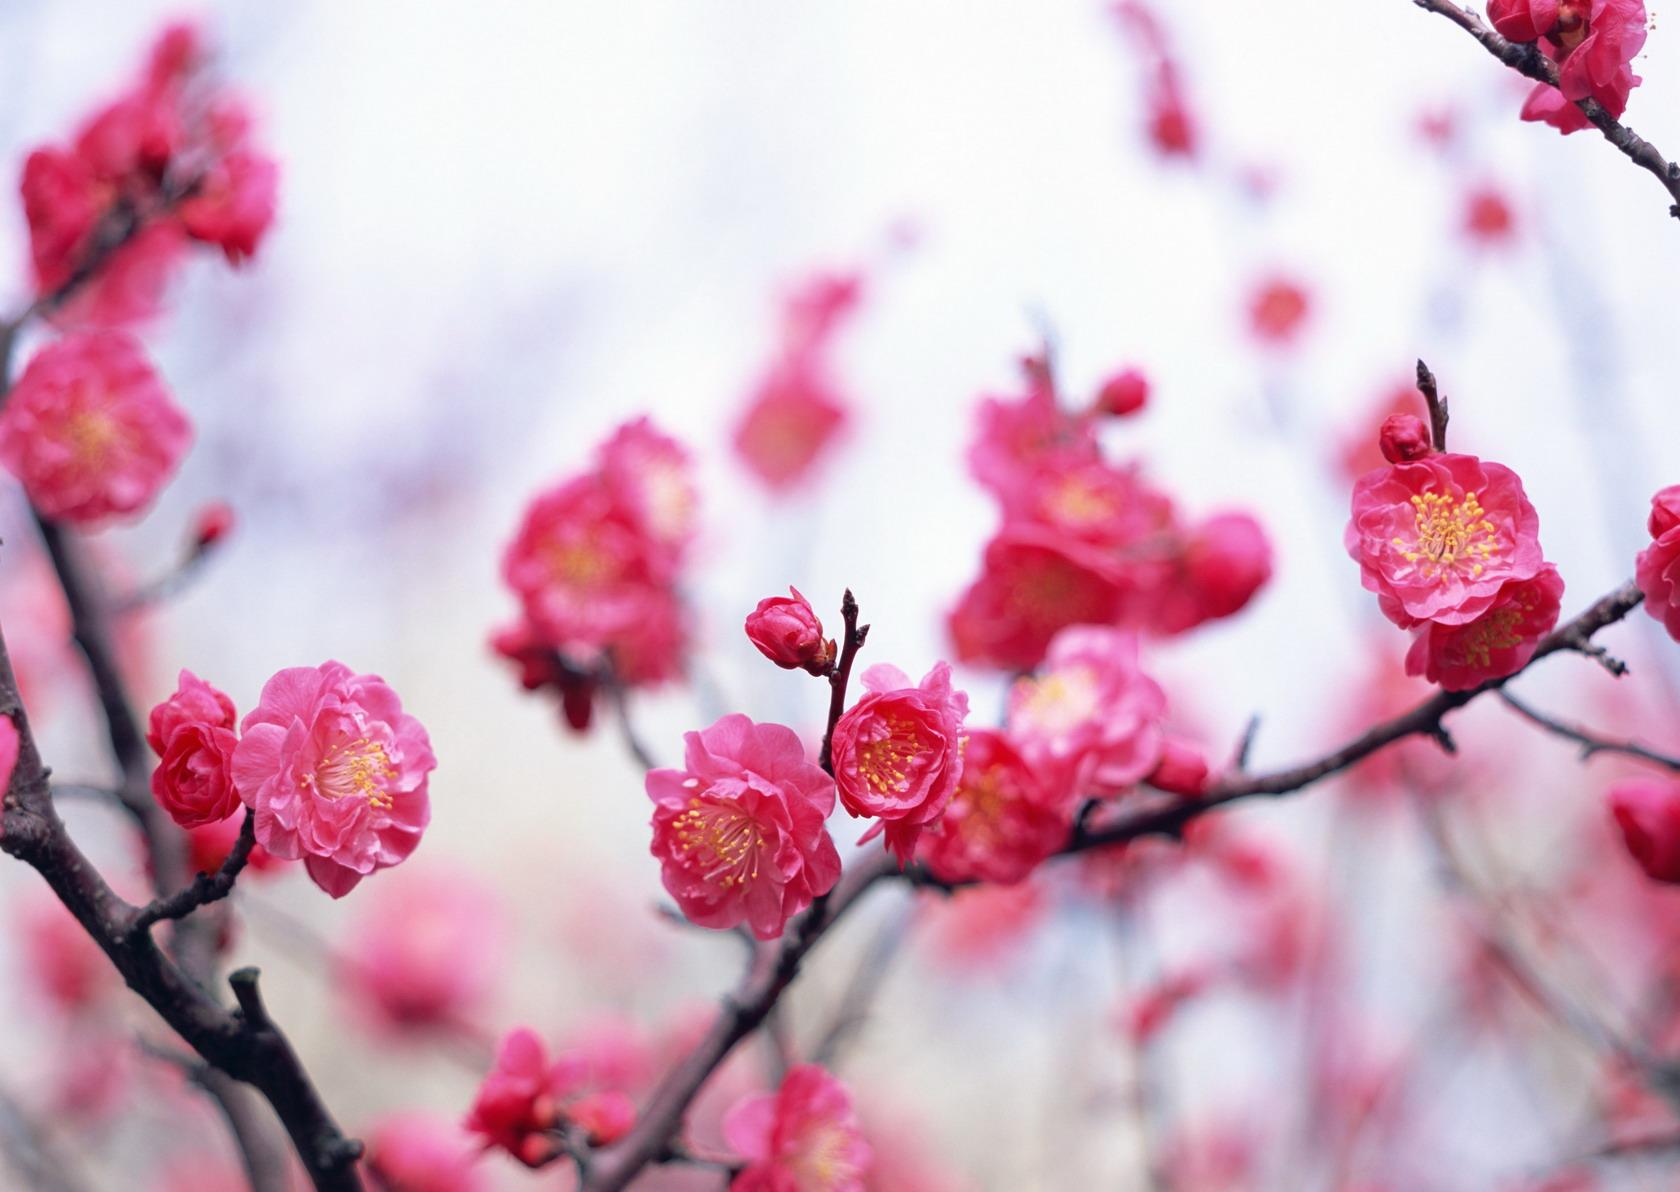 картинки для рабочего стола цветы: